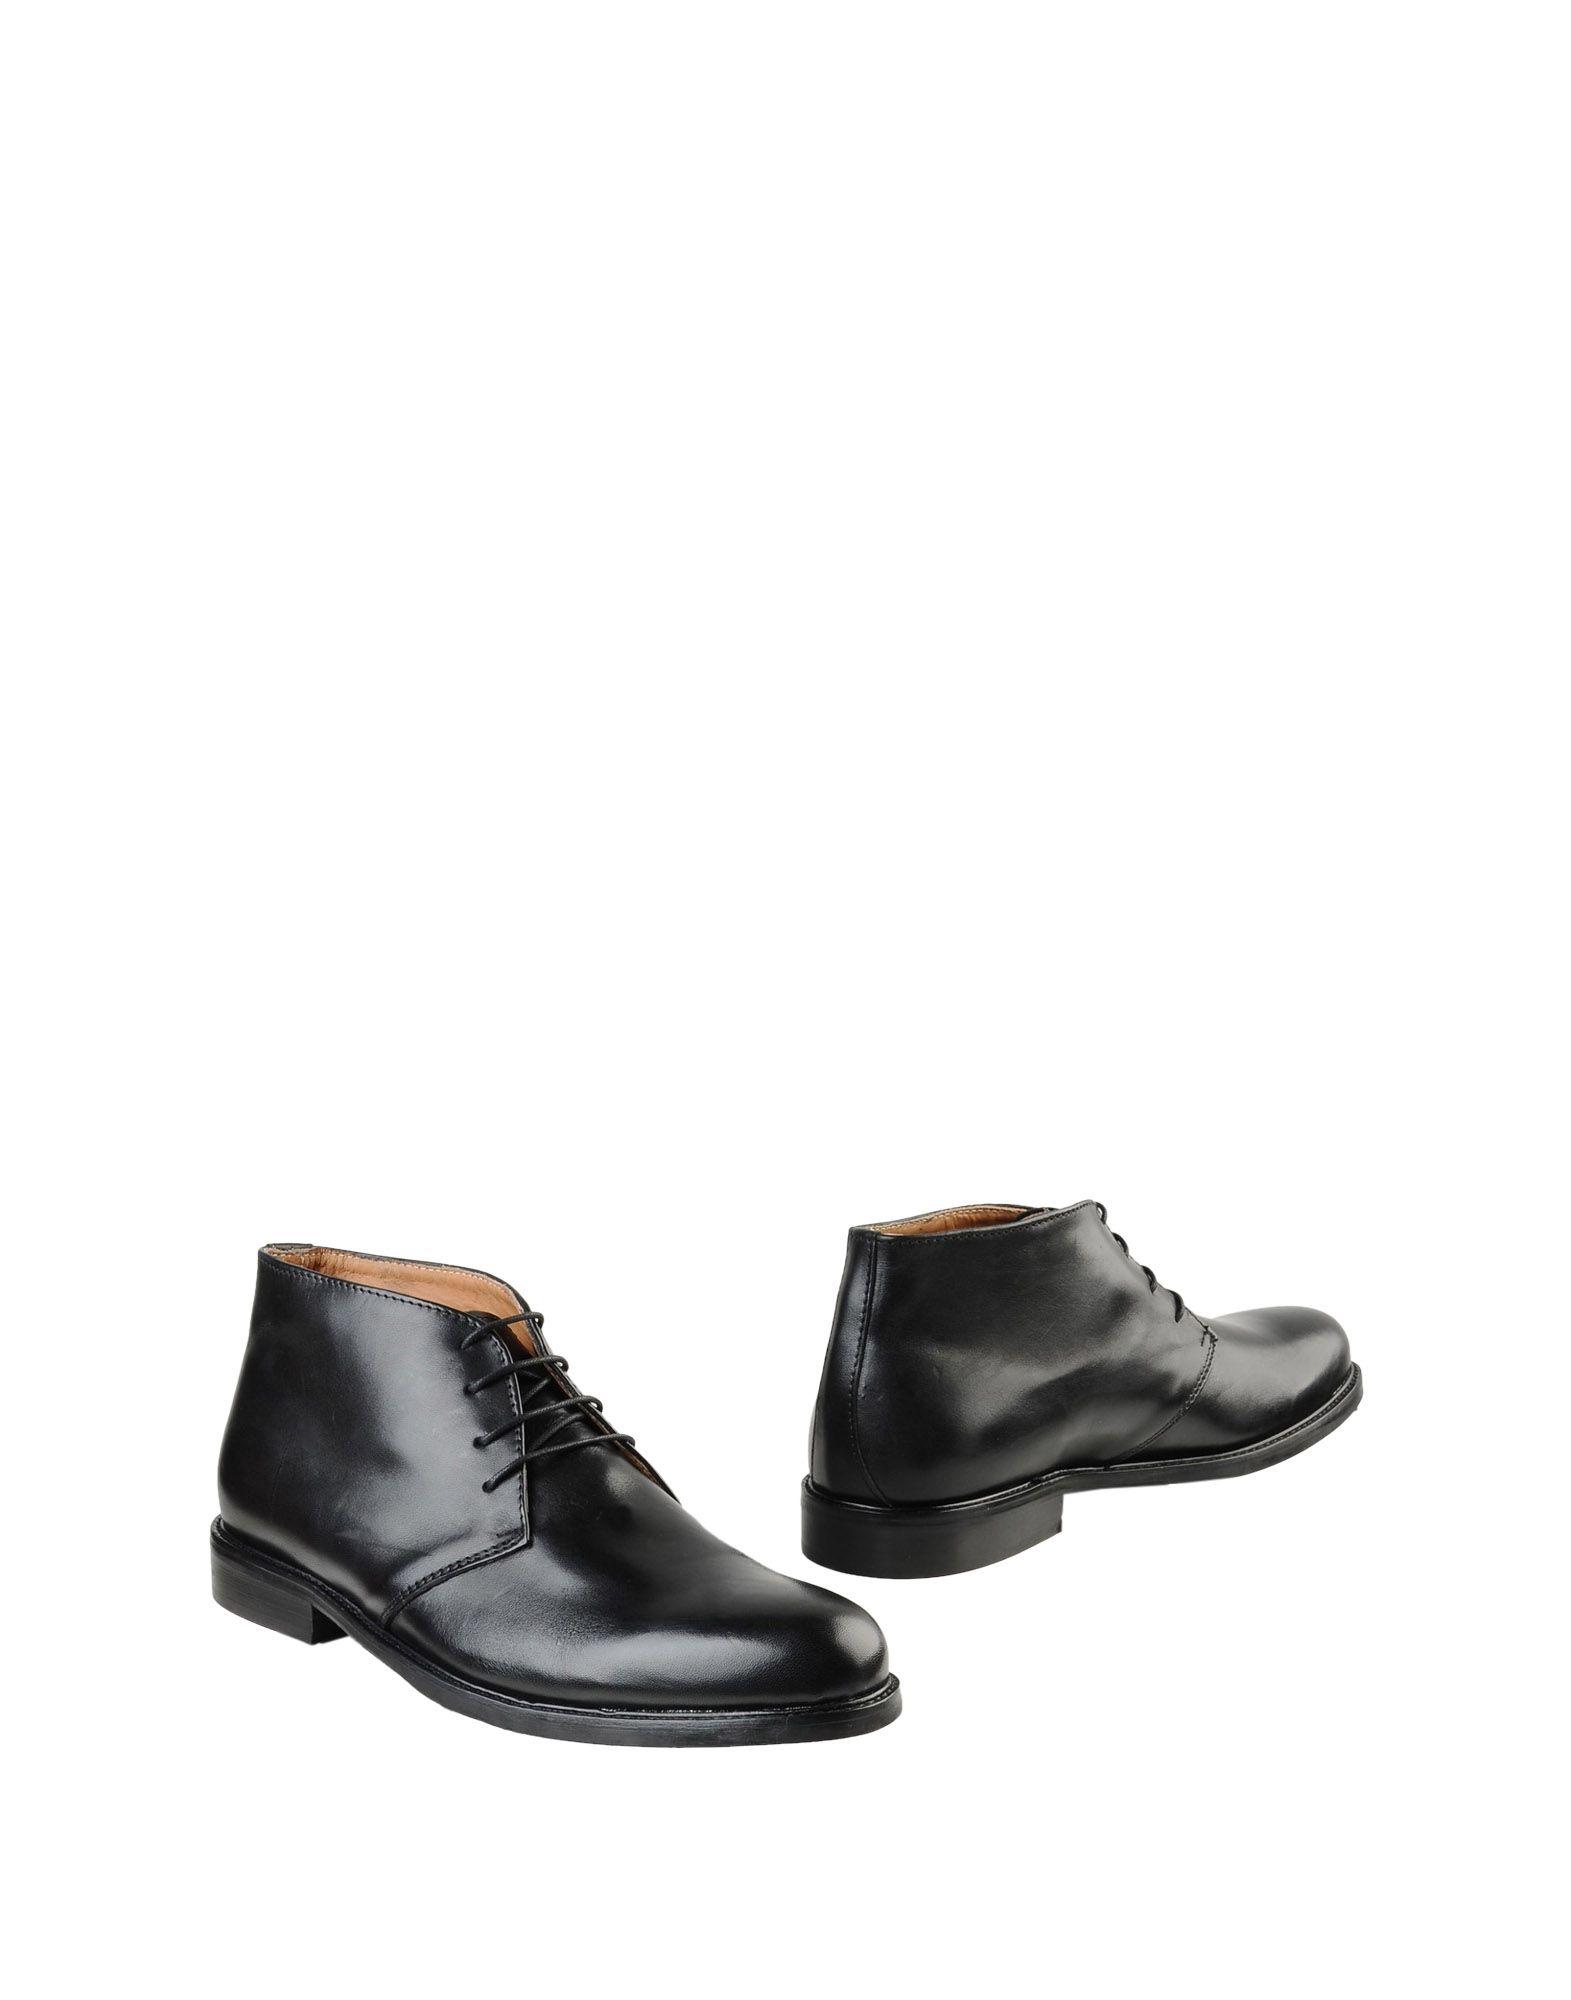 《送料無料》LEONARDO PRINCIPI メンズ ショートブーツ ブラック 40 牛革(カーフ) 100%